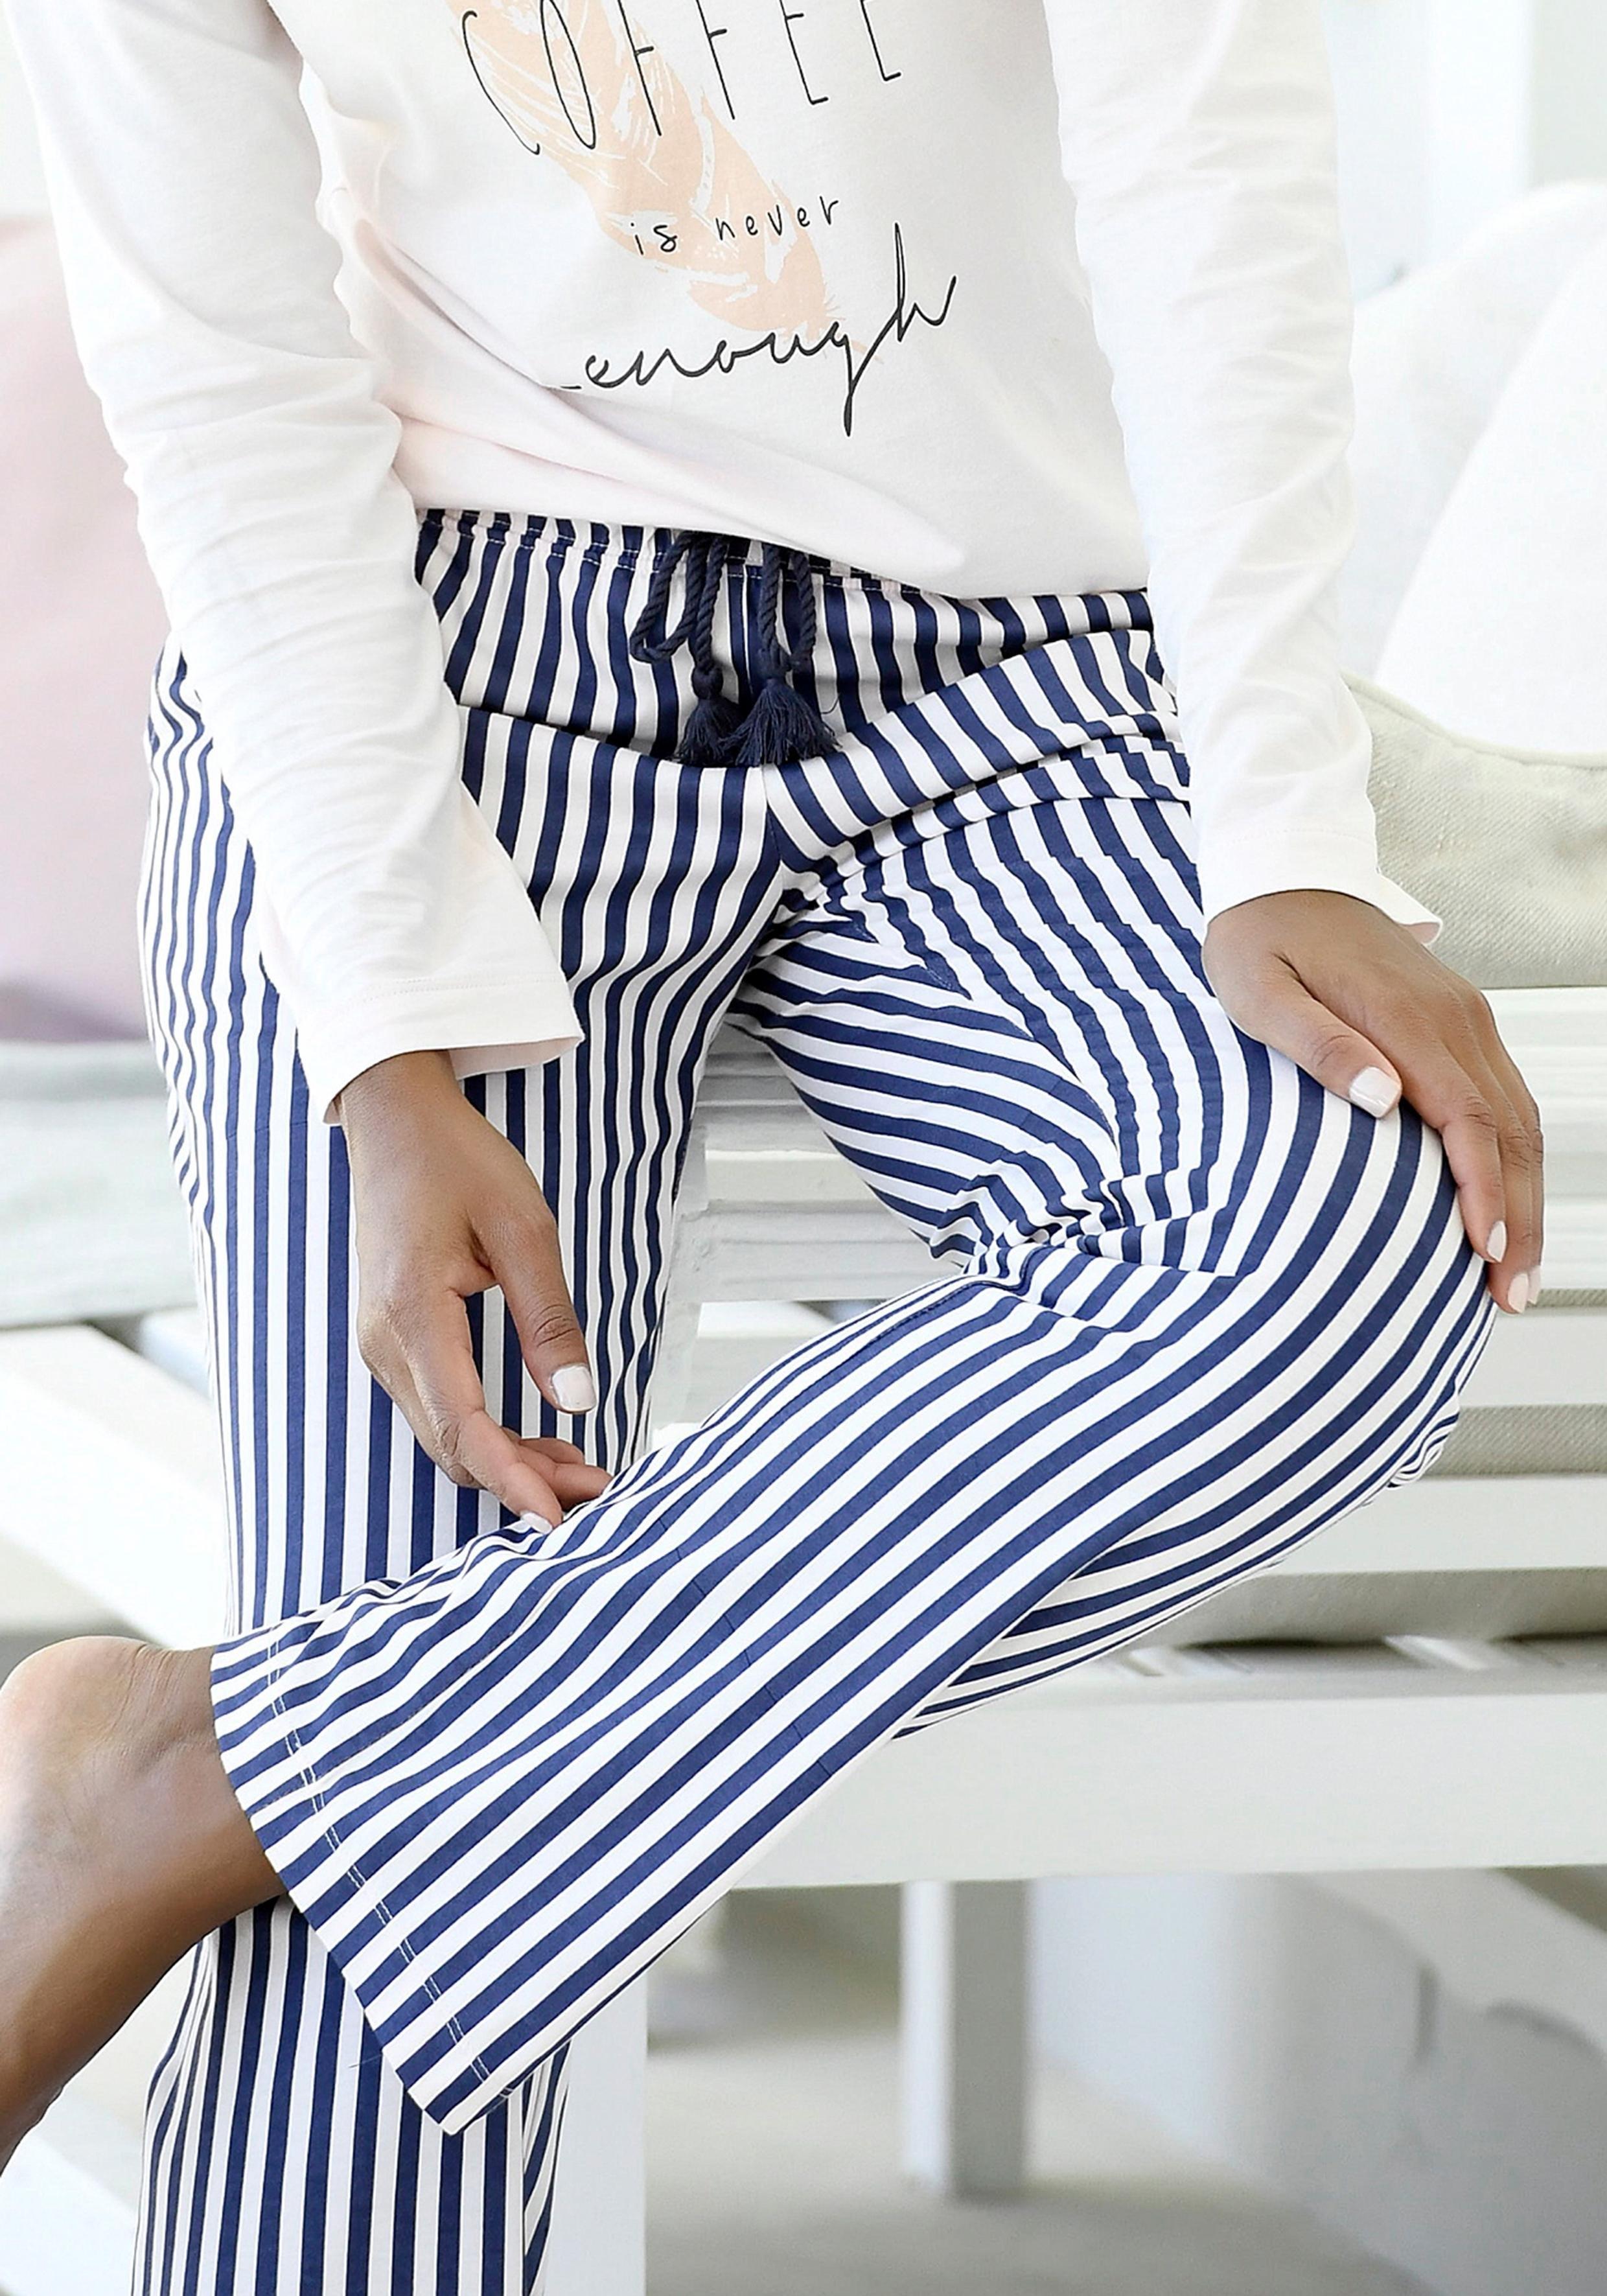 LASCANA lange broek met smalle pijpen bestellen: 14 dagen bedenktijd